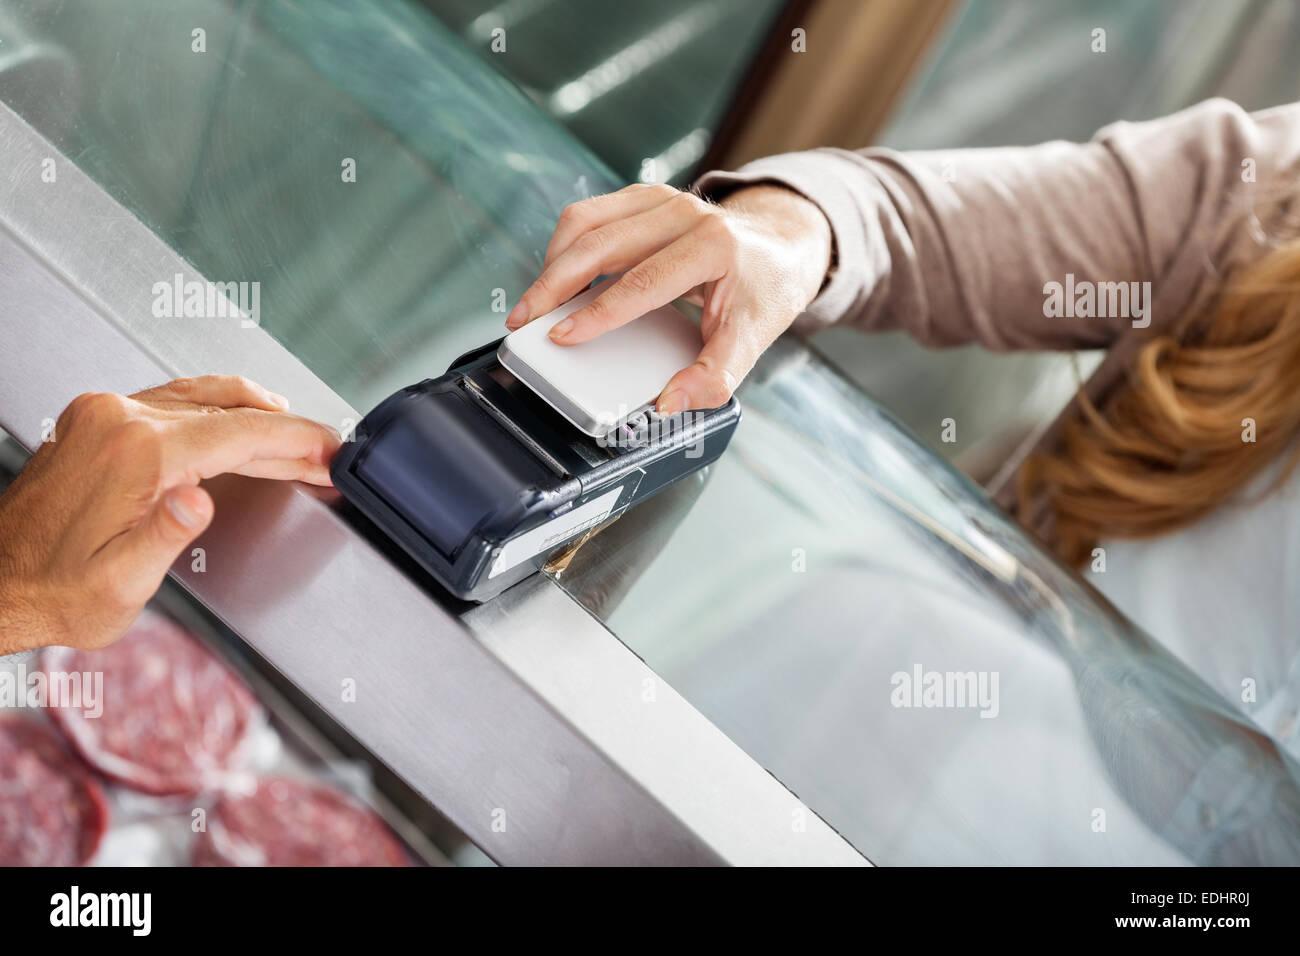 Kunden die Zahlung durch Smartphone in Metzgerei Stockfoto